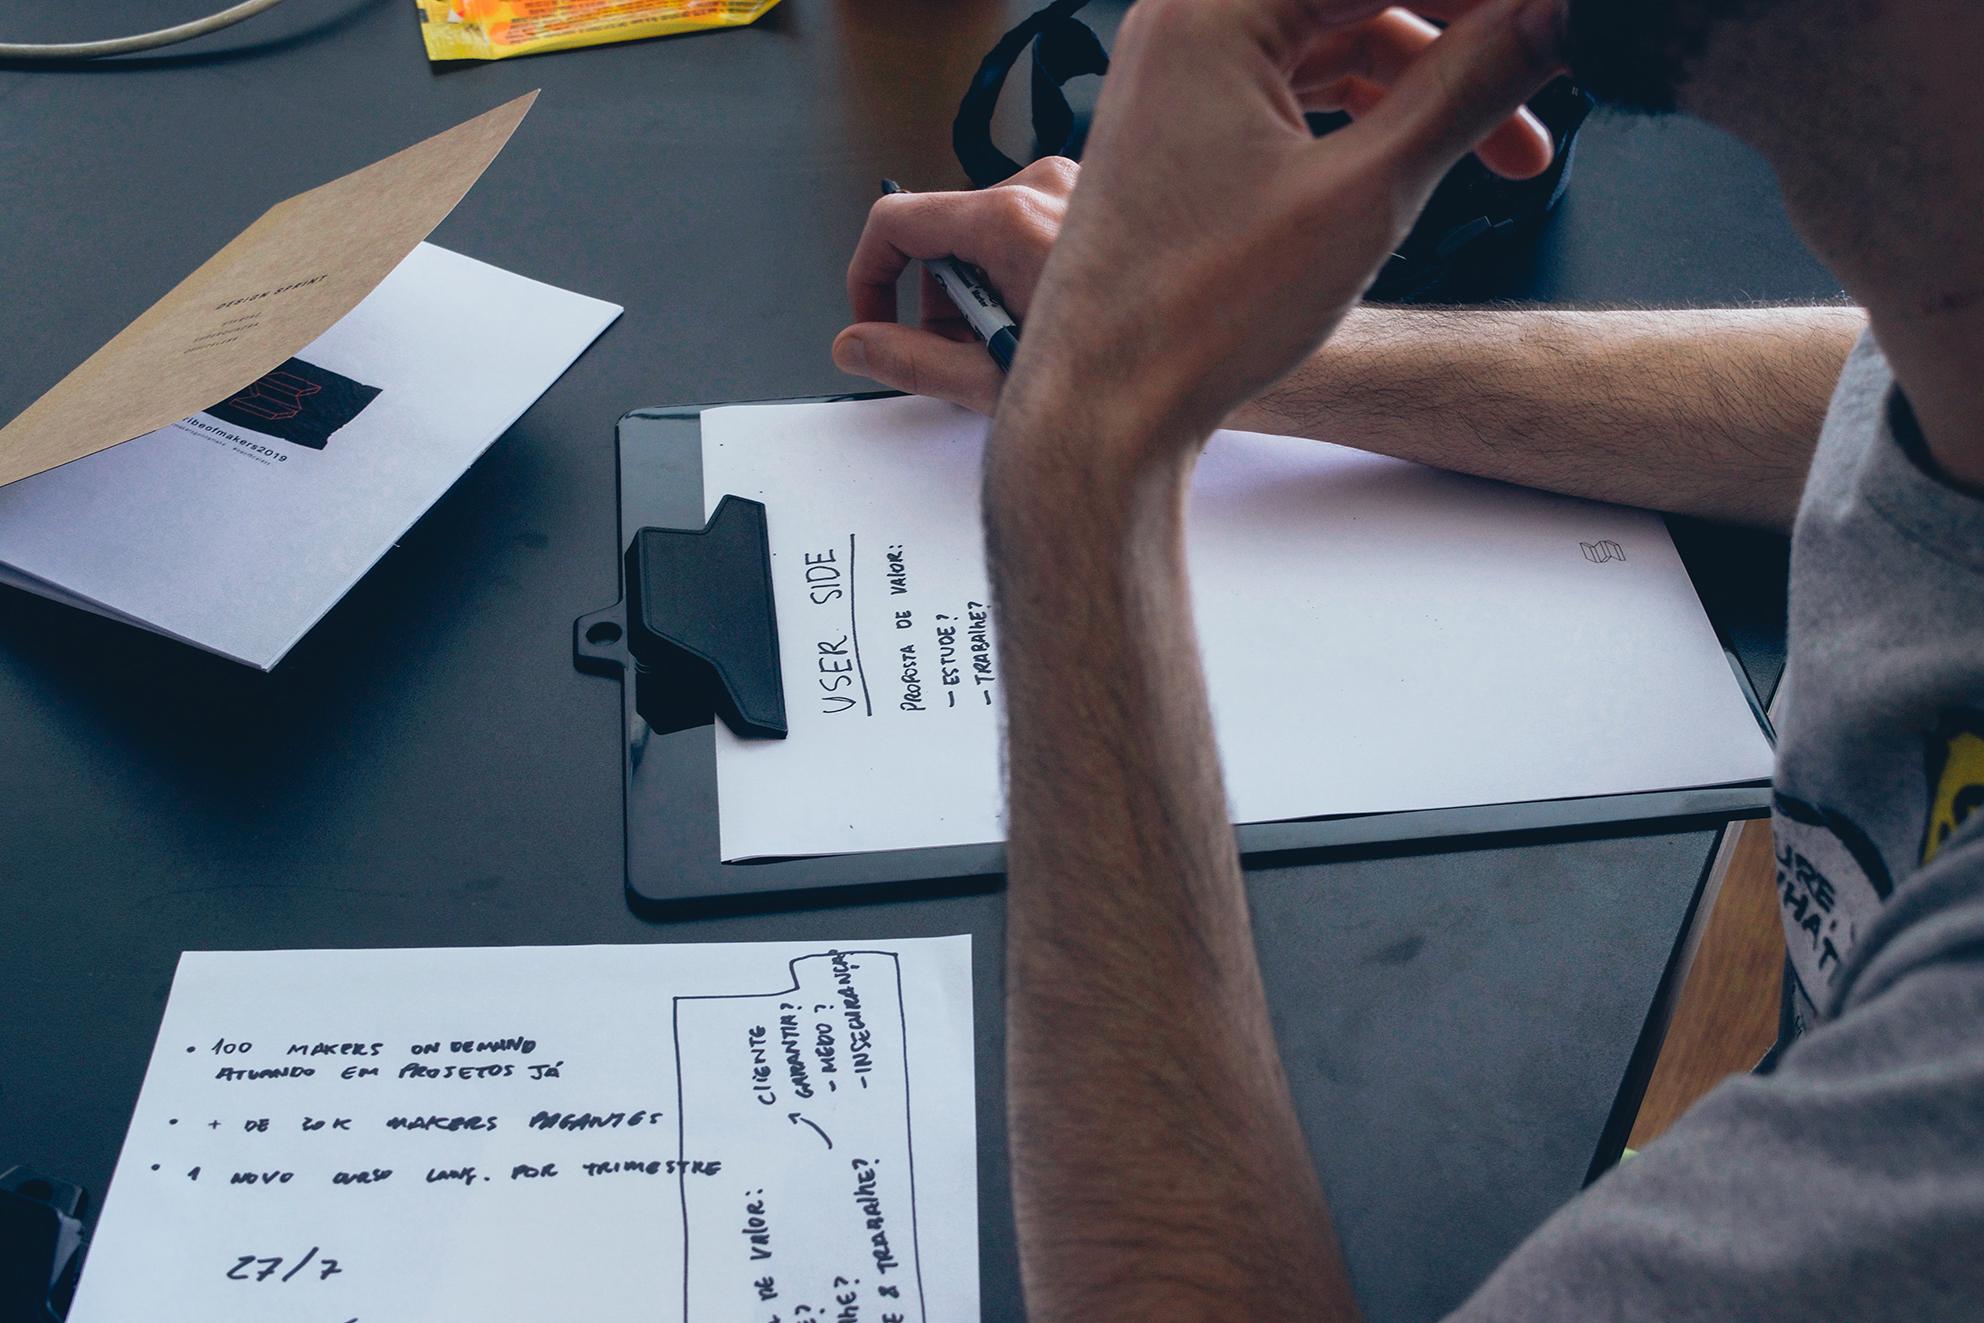 بررسی رفتار کاربر در طراحی تجربه کاربری